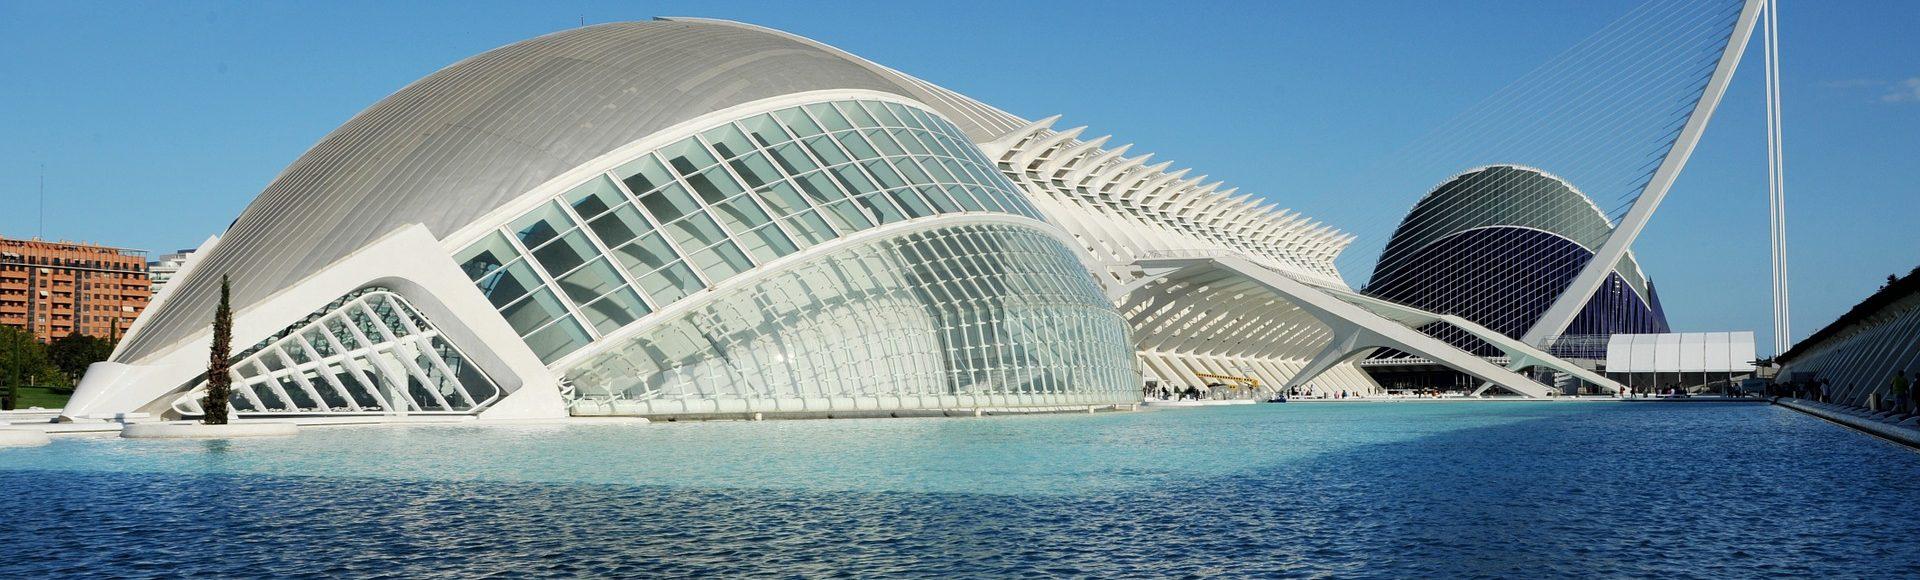 Valencia, destino perfecto para que los alumnos disfruten y aprendan